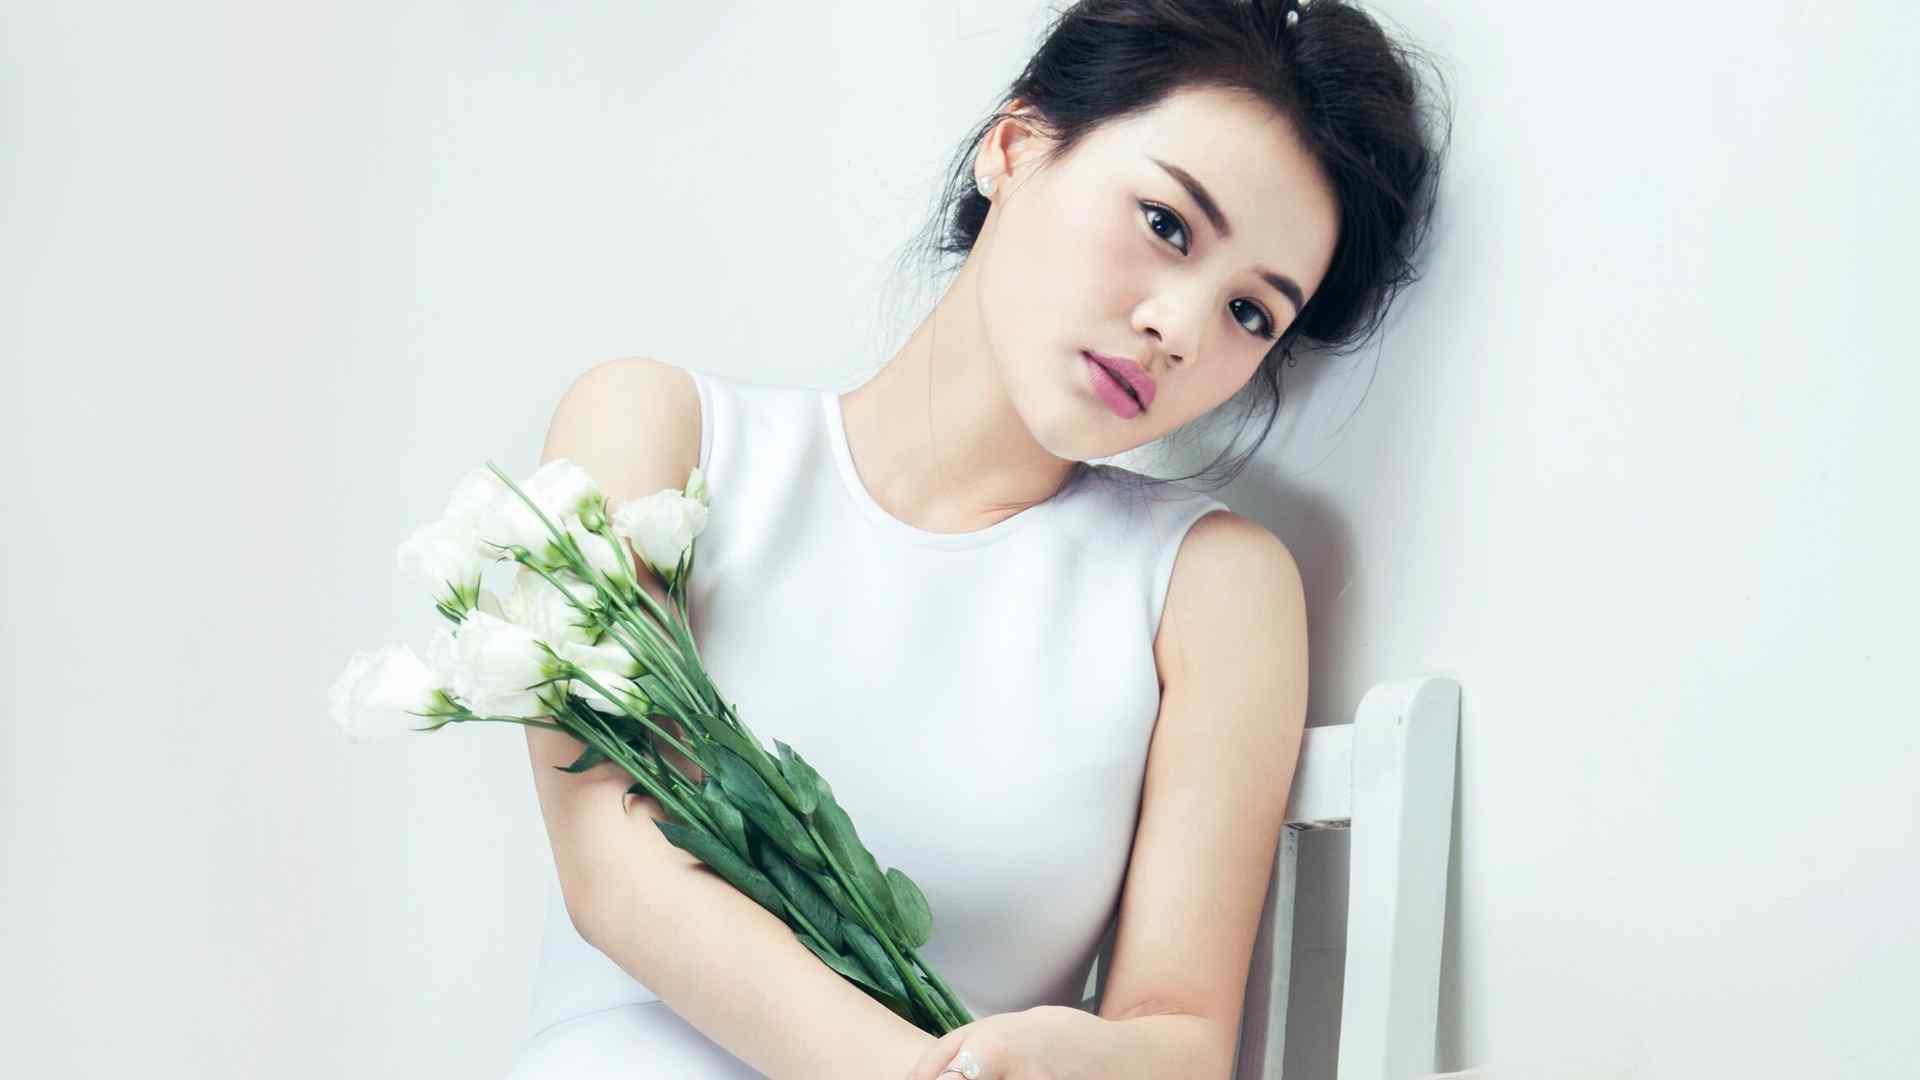 马思纯时尚杂志写真高清壁纸